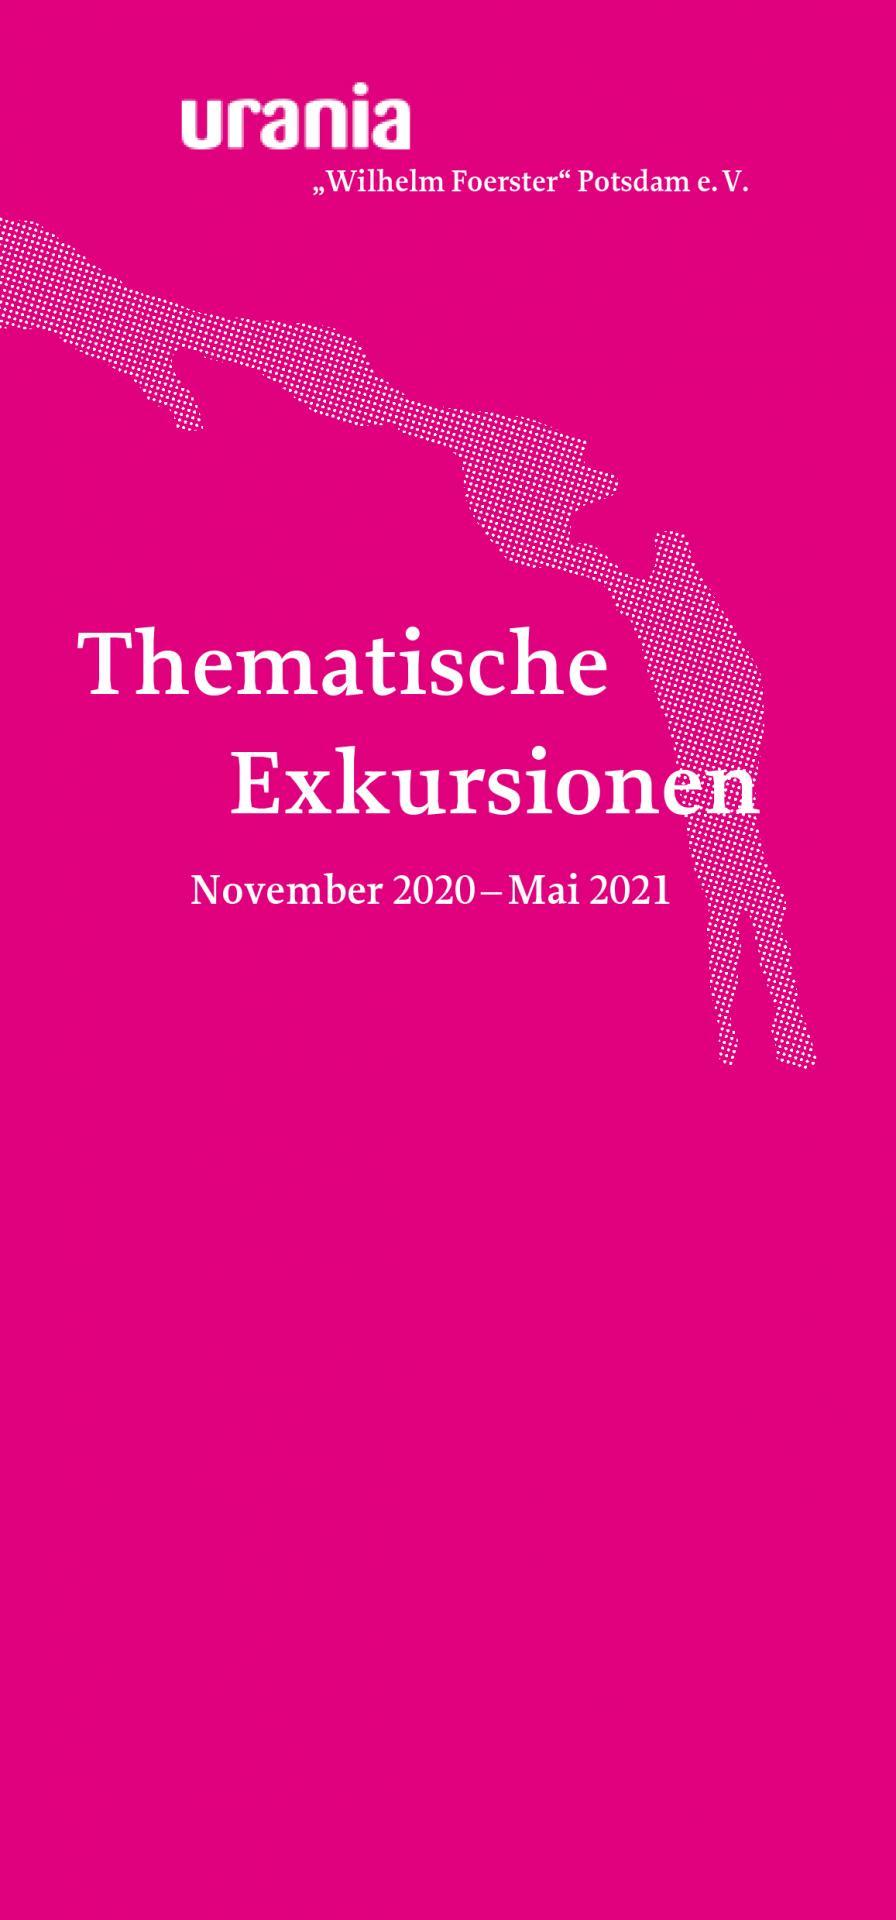 20_21 ExPro Deckblatt